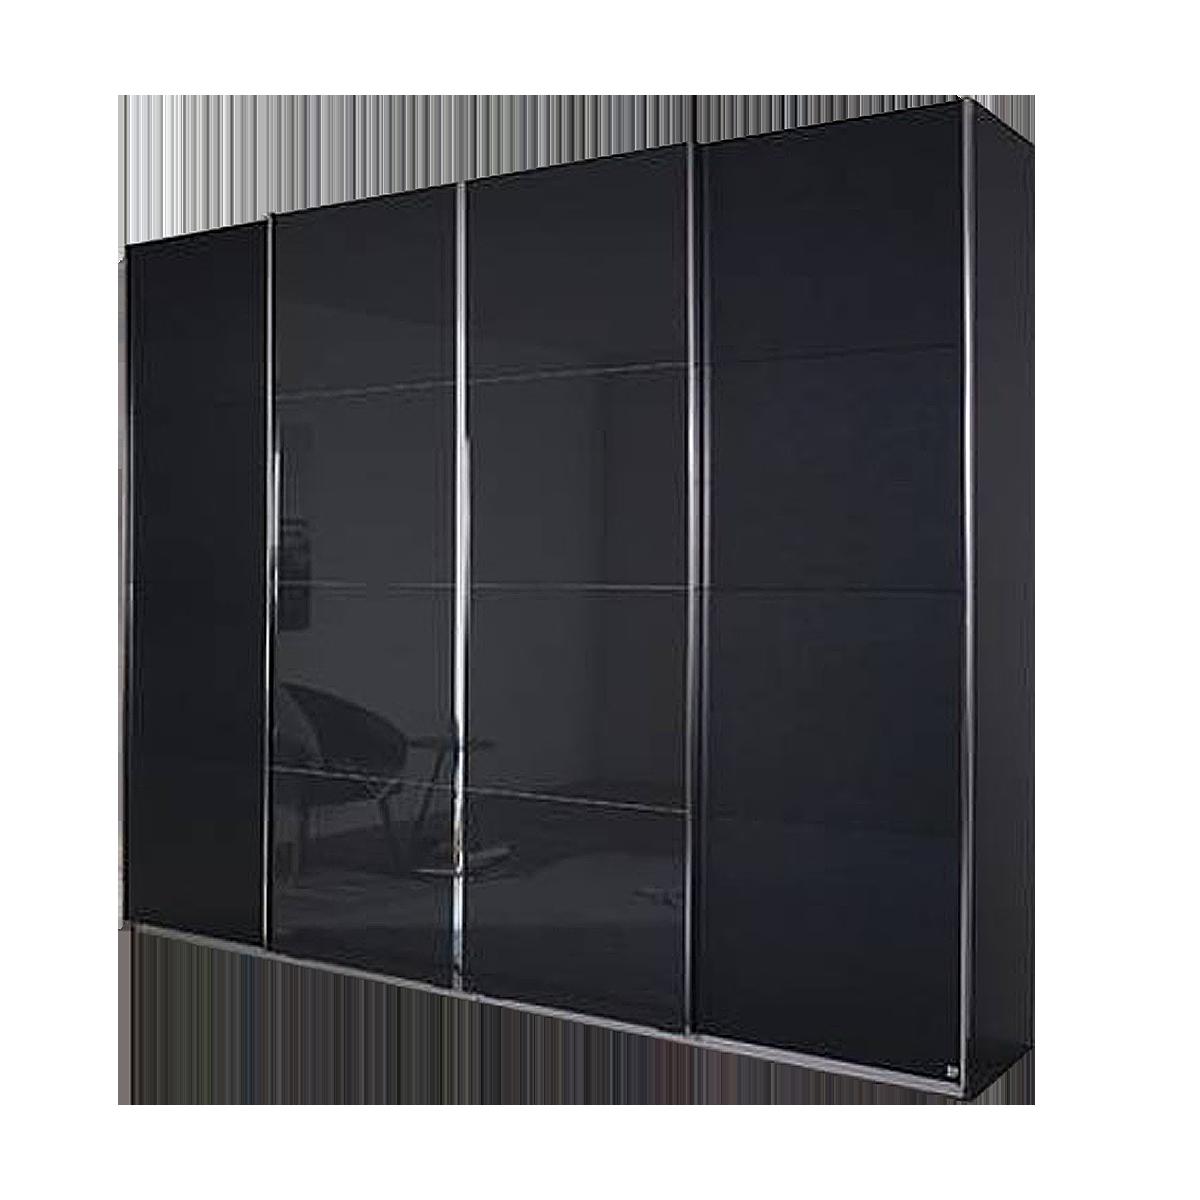 Rauch Packs Syncrono Imposanter Schwebeturenschrank Mit Teilglasfront